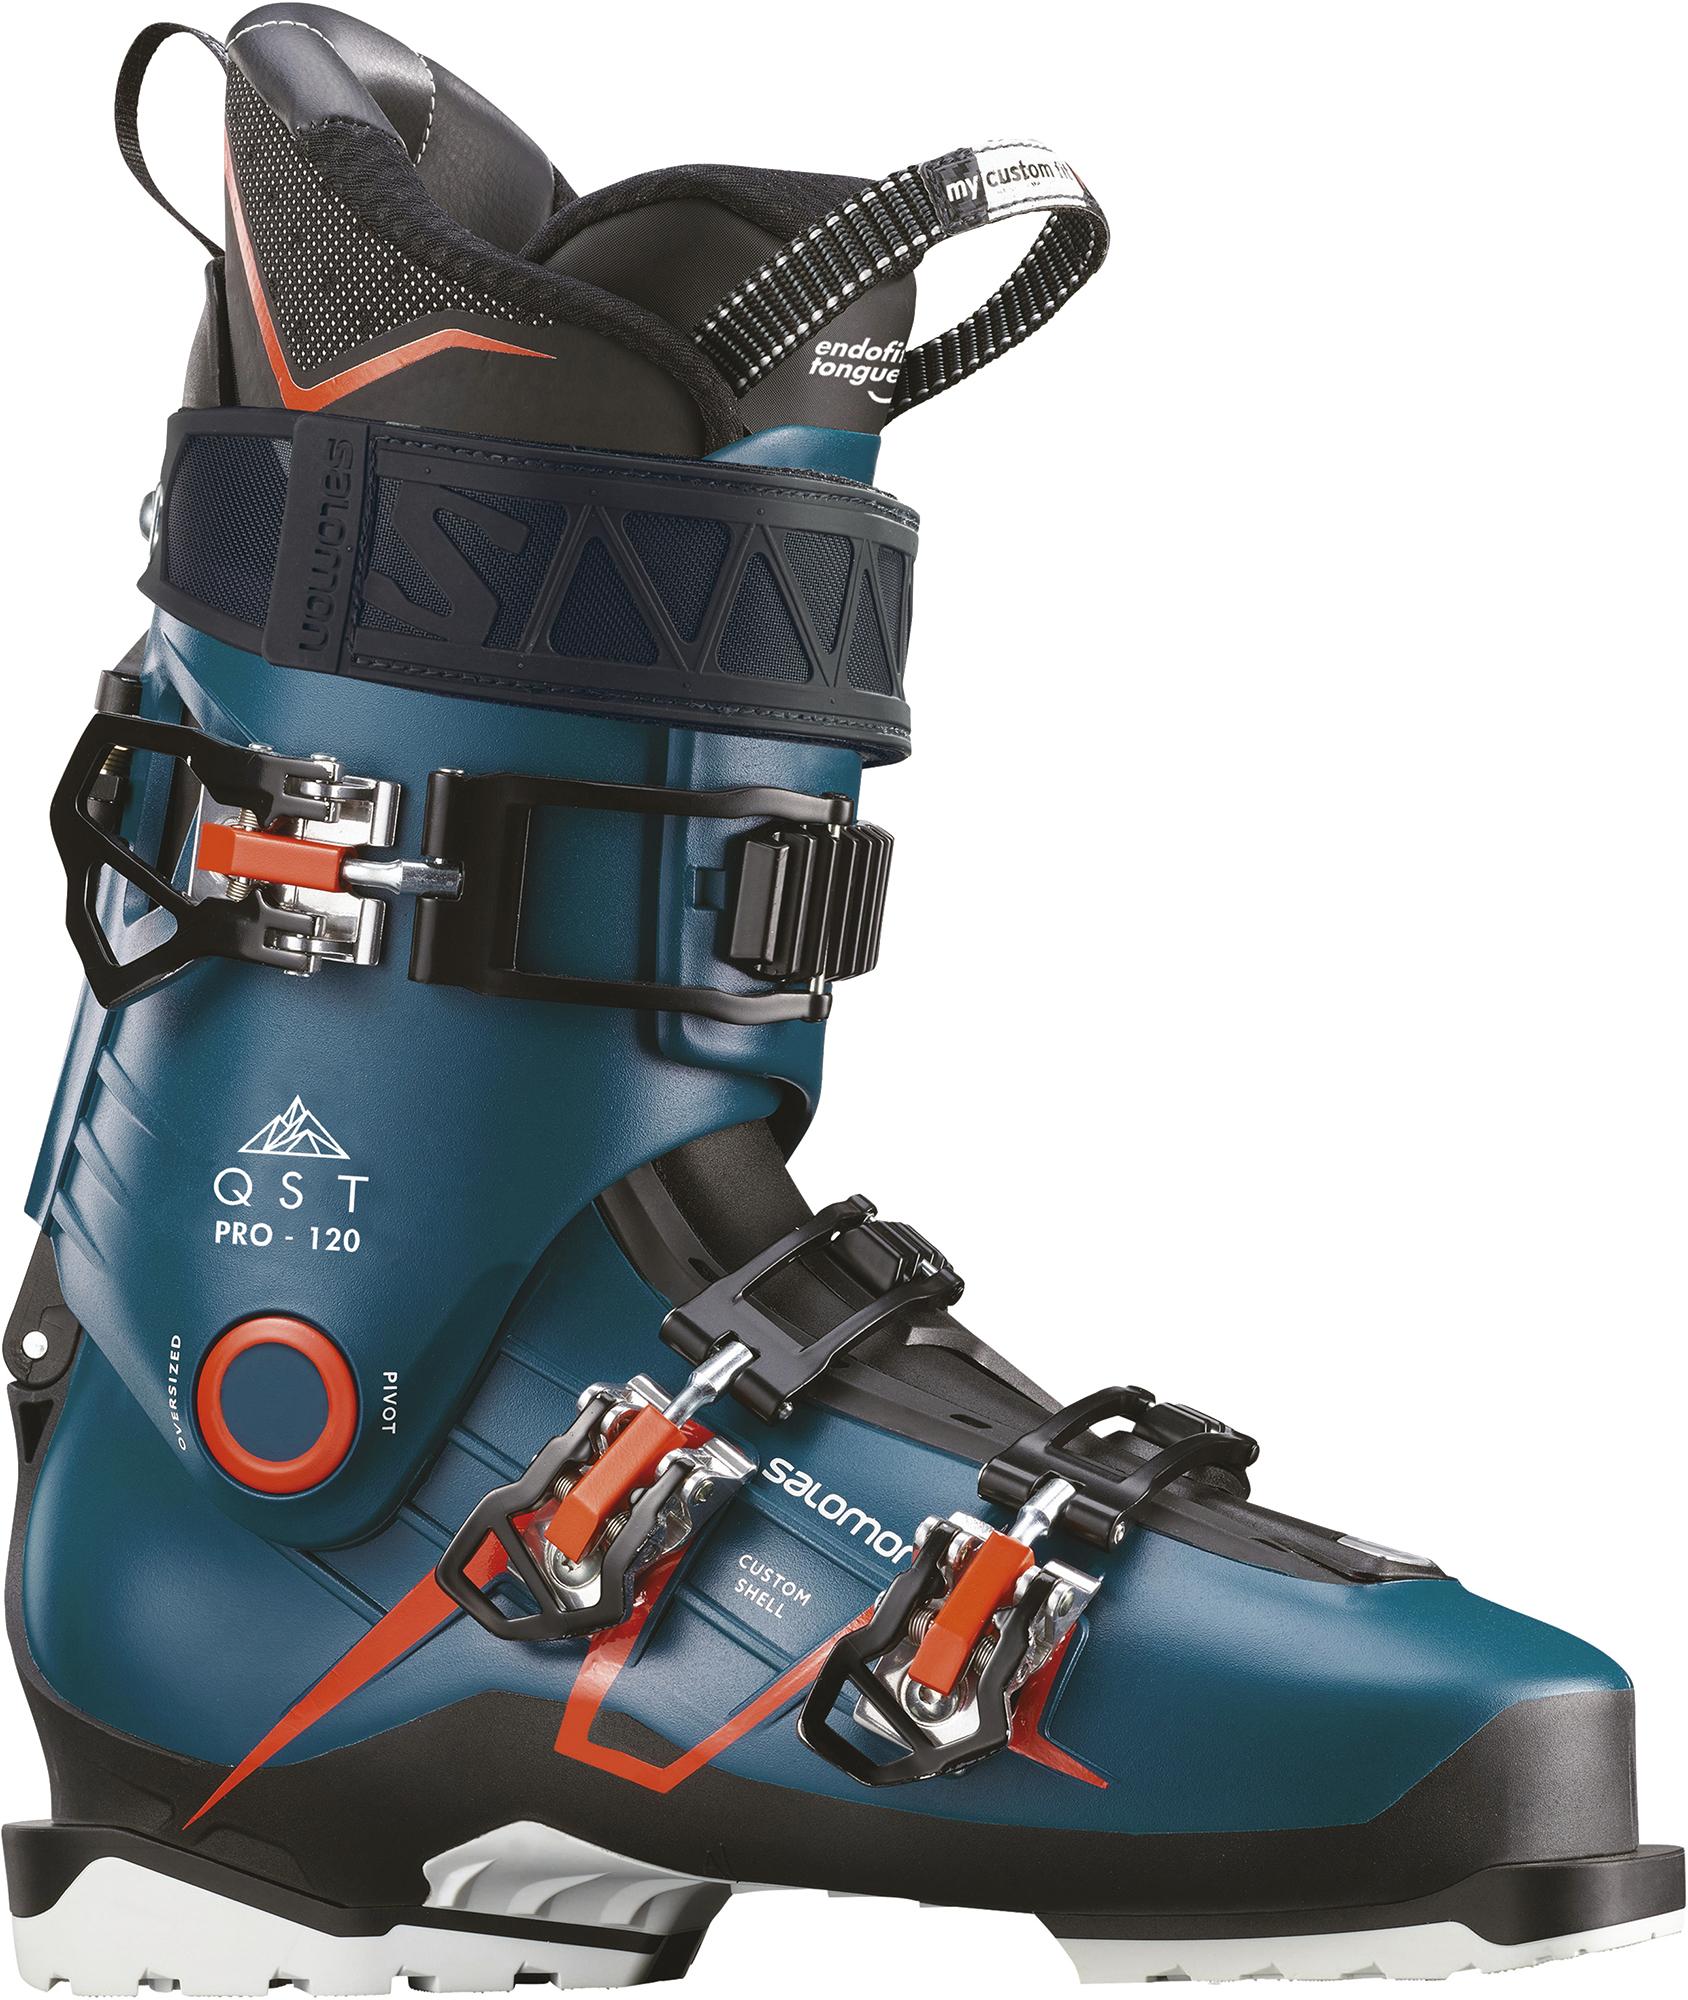 Salomon Ботинки горнолыжные Salomon QST PRO 120, размер 44 цена